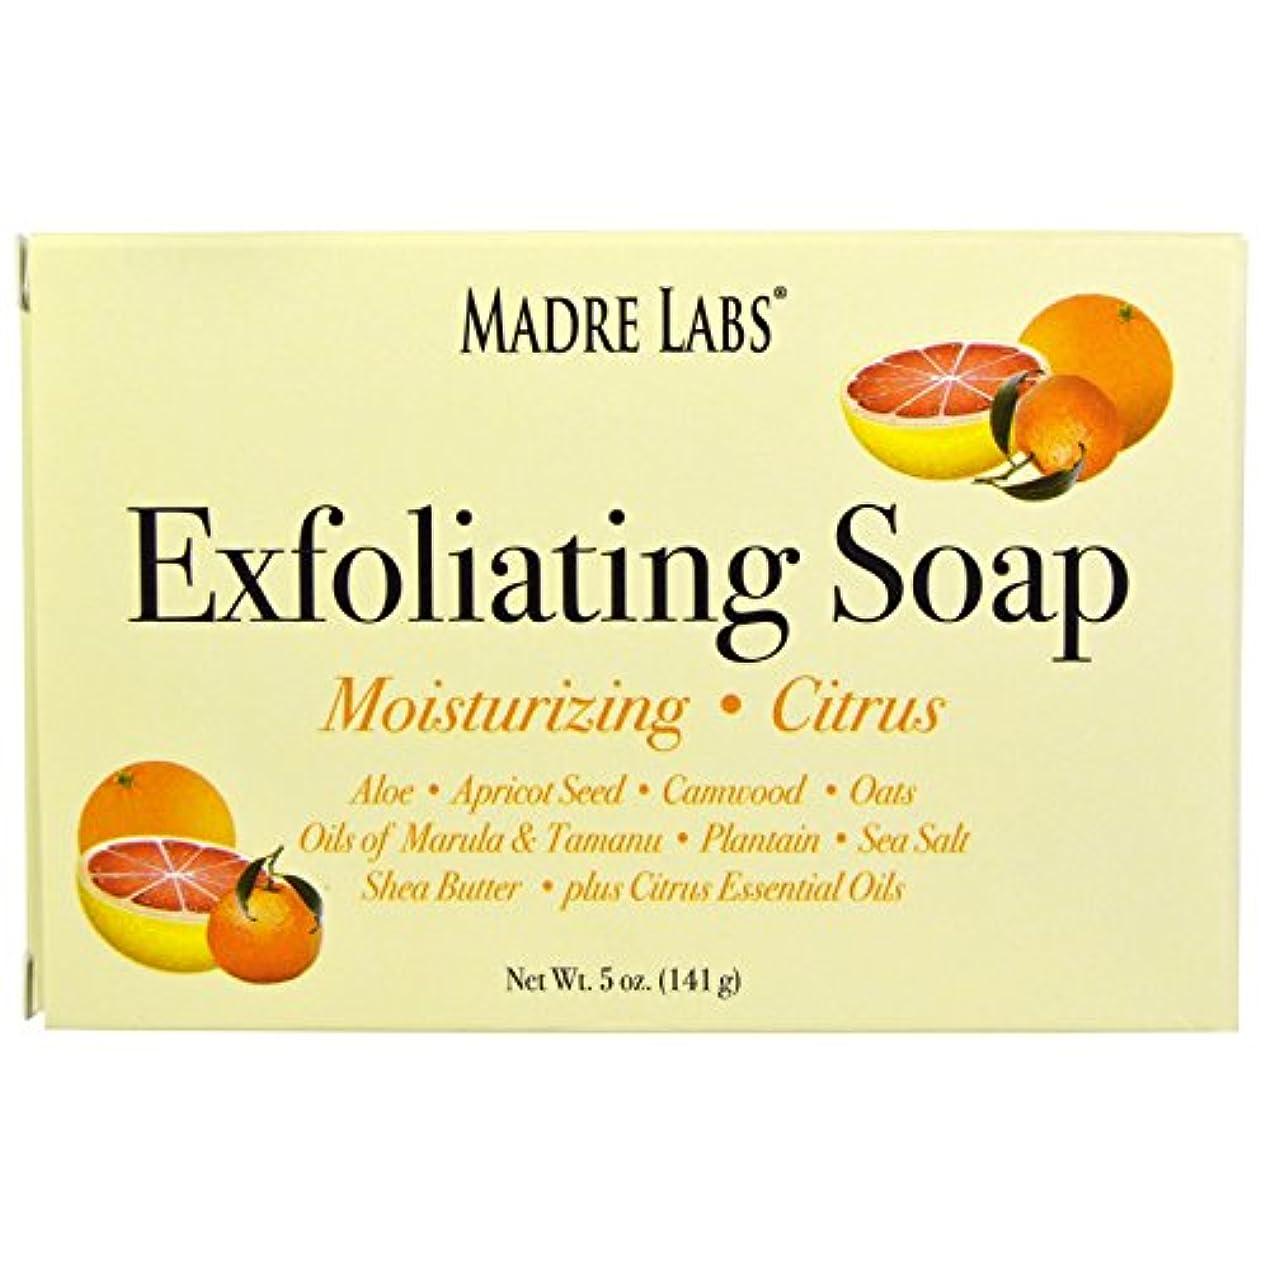 タイピストマーチャンダイジング解明マドレラブ シアバター入り石鹸 柑橘フレーバー Madre Labs Exfoliating Soap Bar with Marula & Tamanu Oils plus Shea Butter